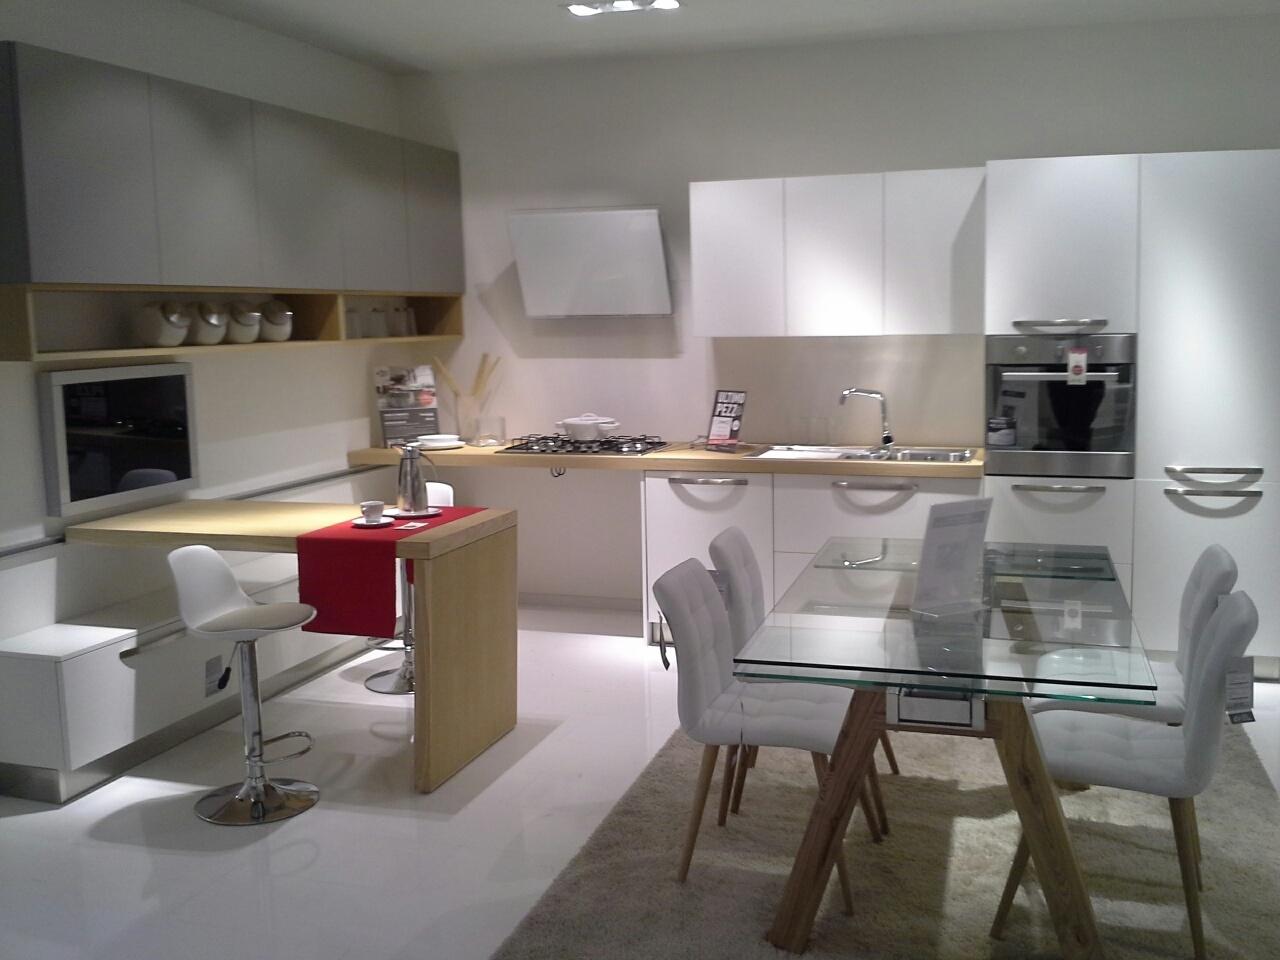 Cucine moderne con bancone ys22 regardsdefemmes - Cucina con penisola centrale ...